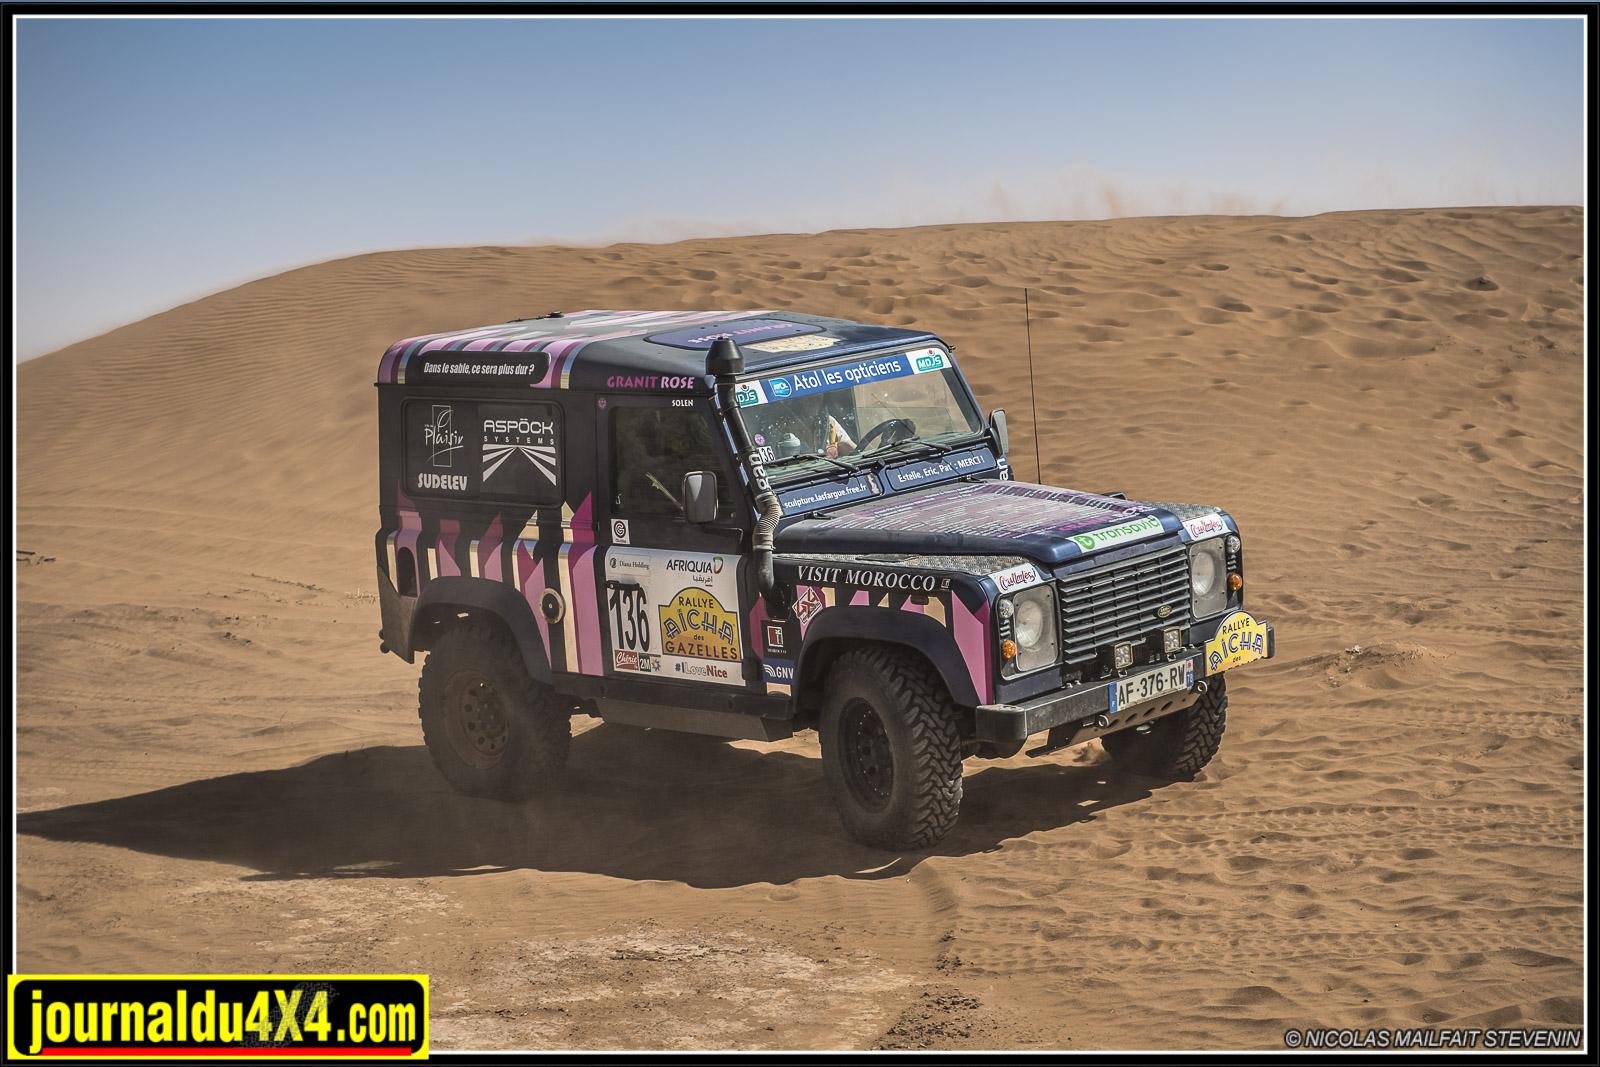 rallye-aicha-gazelles-maroc-2017-7250.jpg